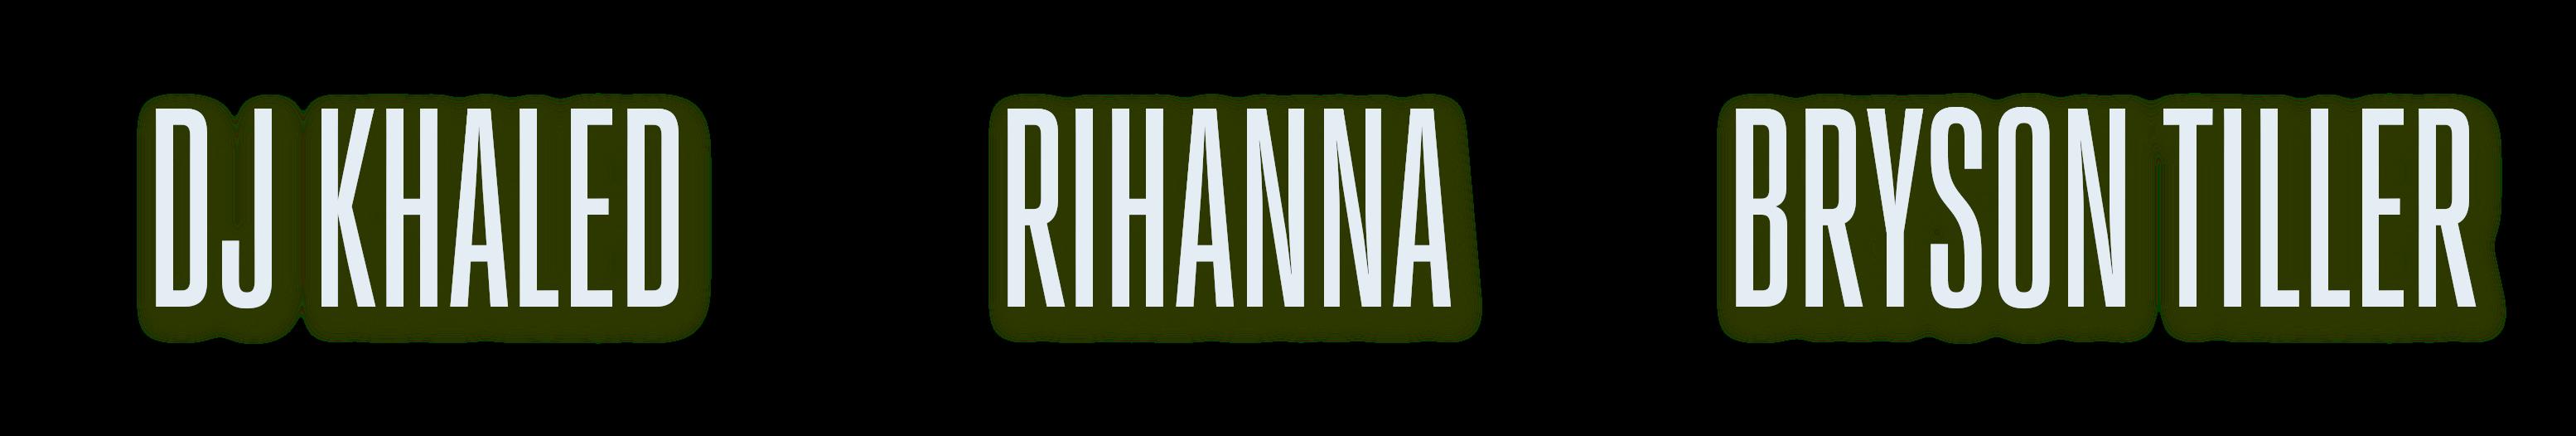 DJ Khaled ft Rihanna & Bryson Tiller